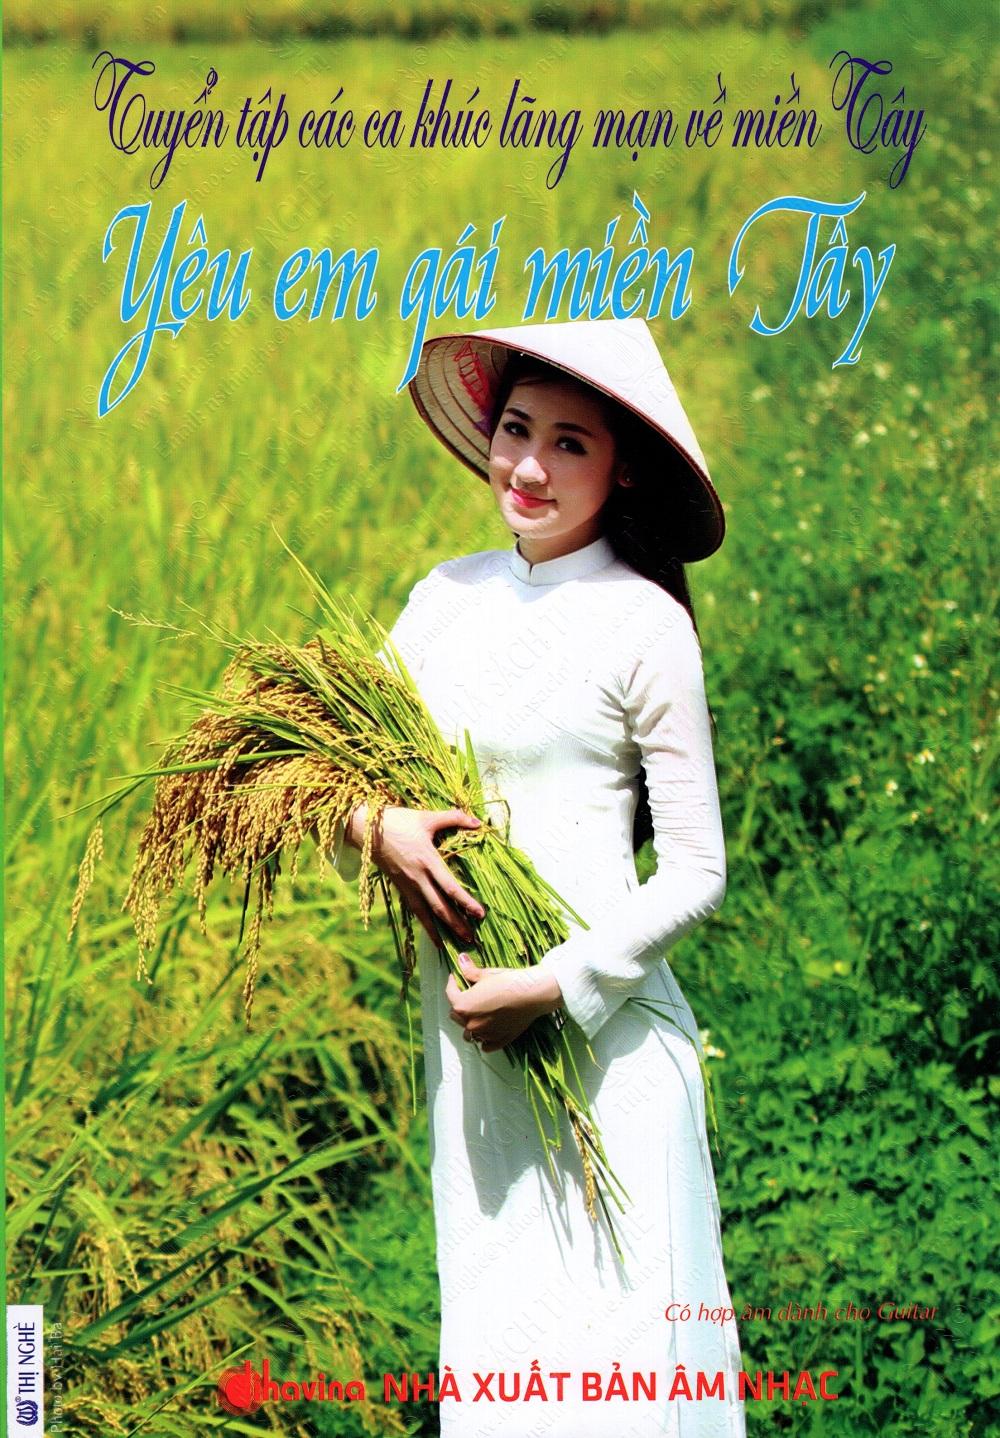 Bìa sách Tuyển Tập Các Ca Khúc Lãng Mạn Về Miền Tây - Yêu Em Gái Miền Tây (Kèm CD)